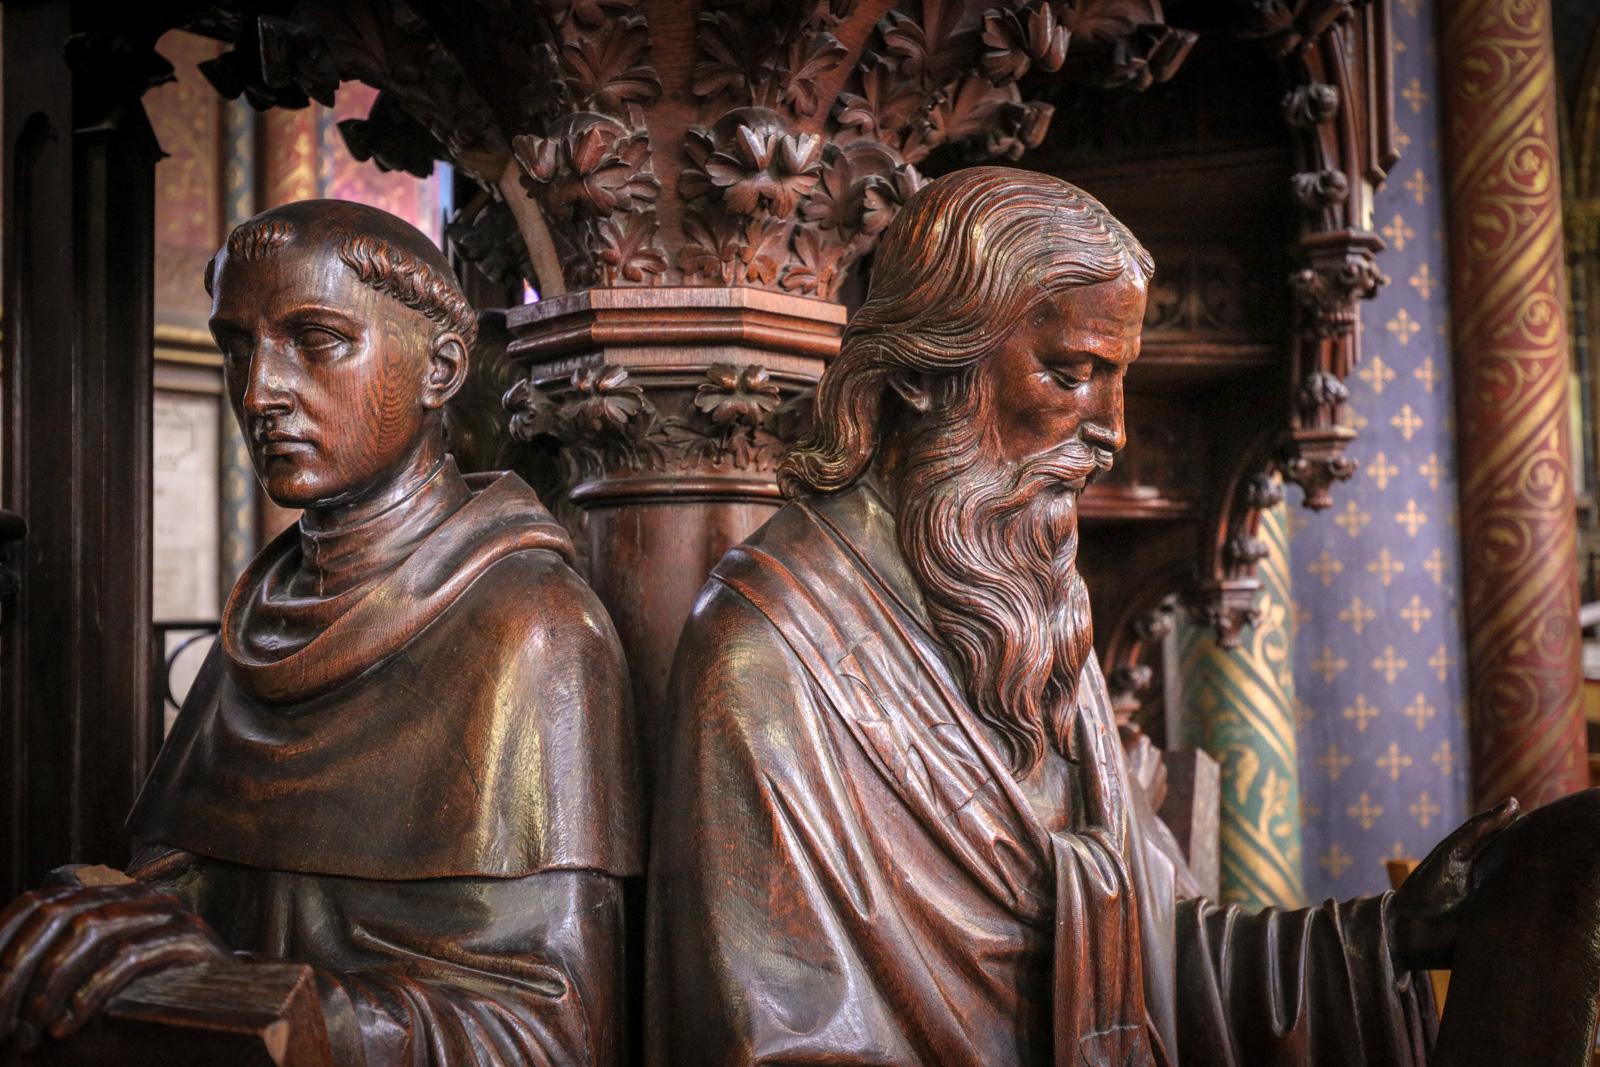 Visages de saint Thomas d'Aquin (à gauche) et saint Irénée de Lyon (à droite)